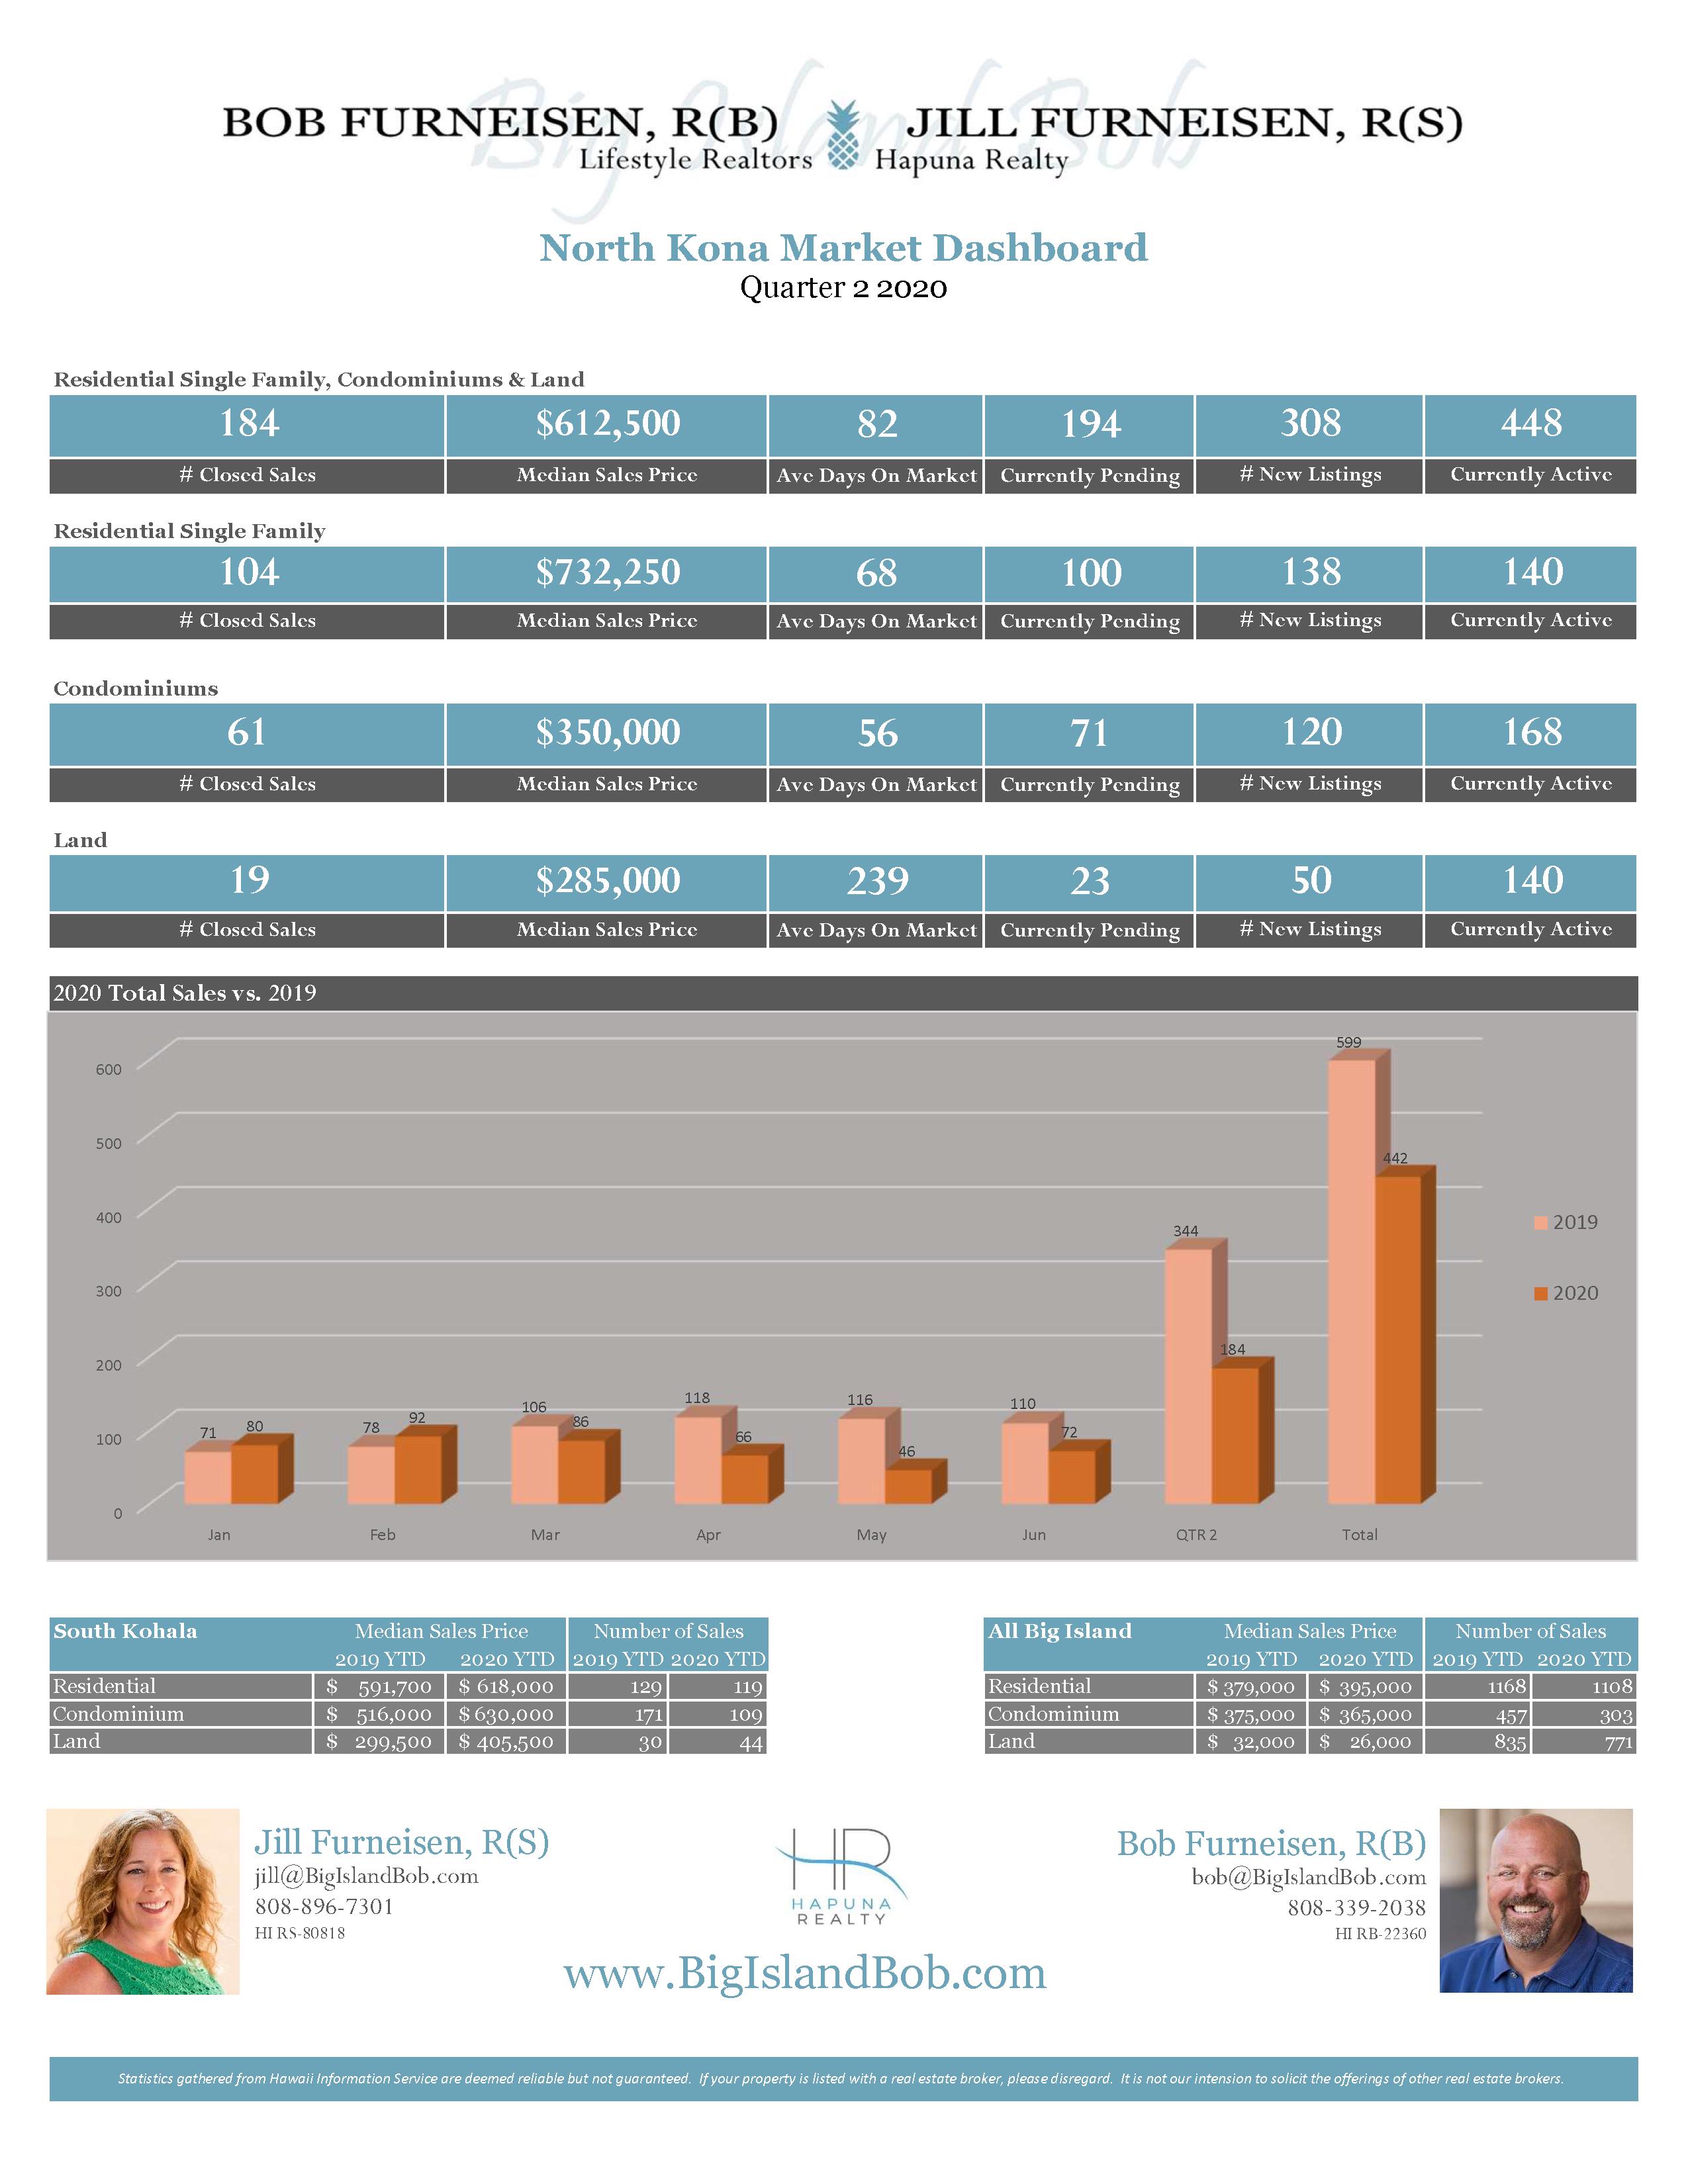 North Kona Quarter 2 2020 Real Estate Market Dashboard